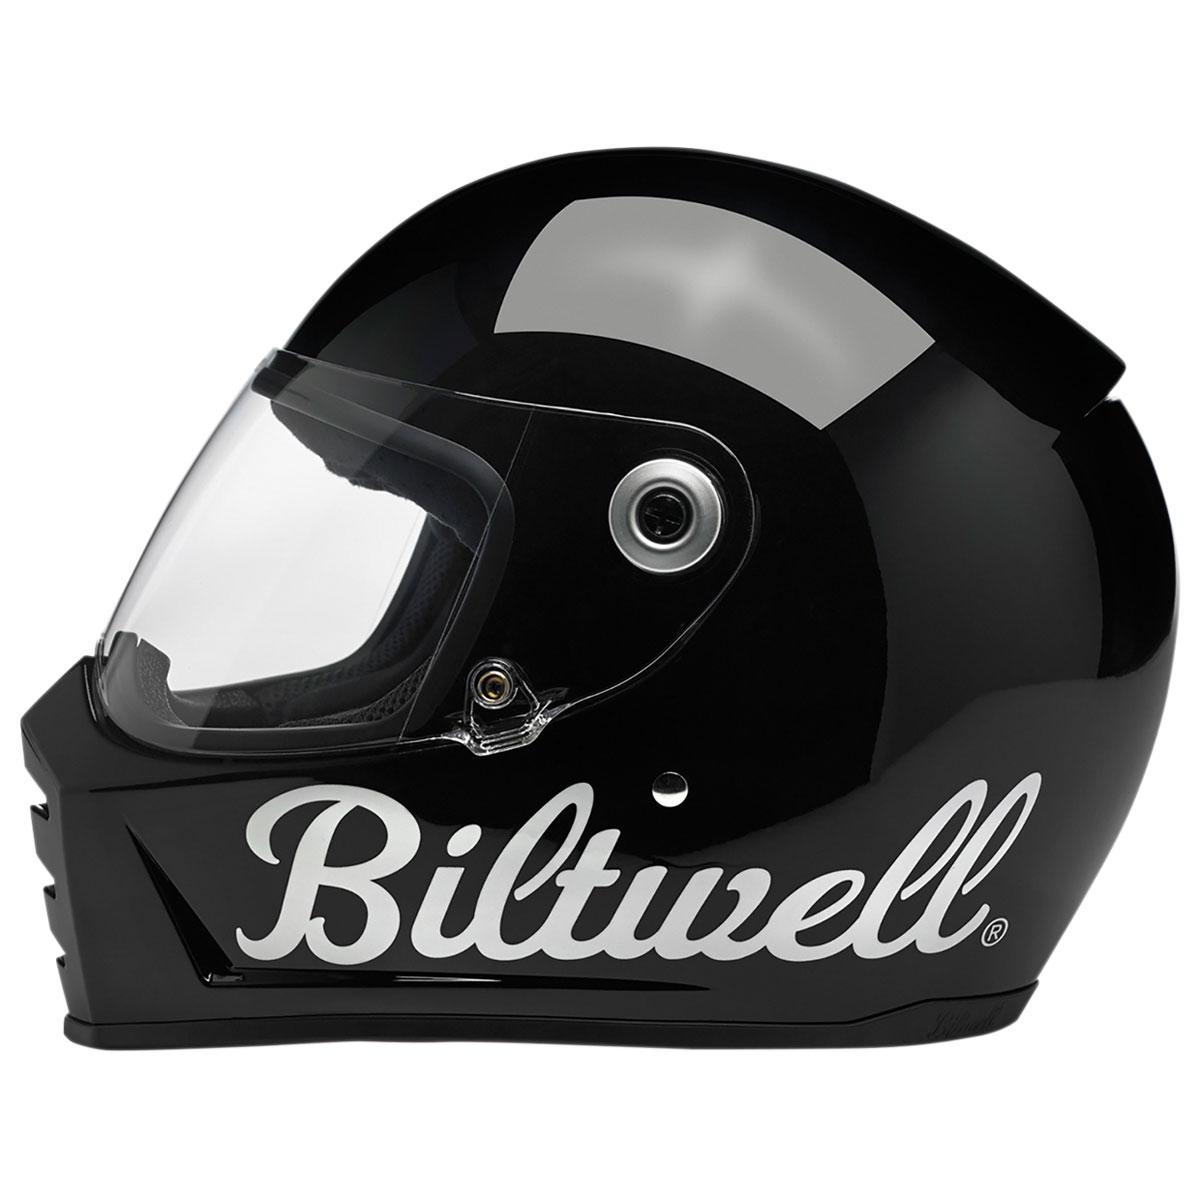 Biltwell Inc. Lane Splitter Factory Gloss Black Full Face Helmet